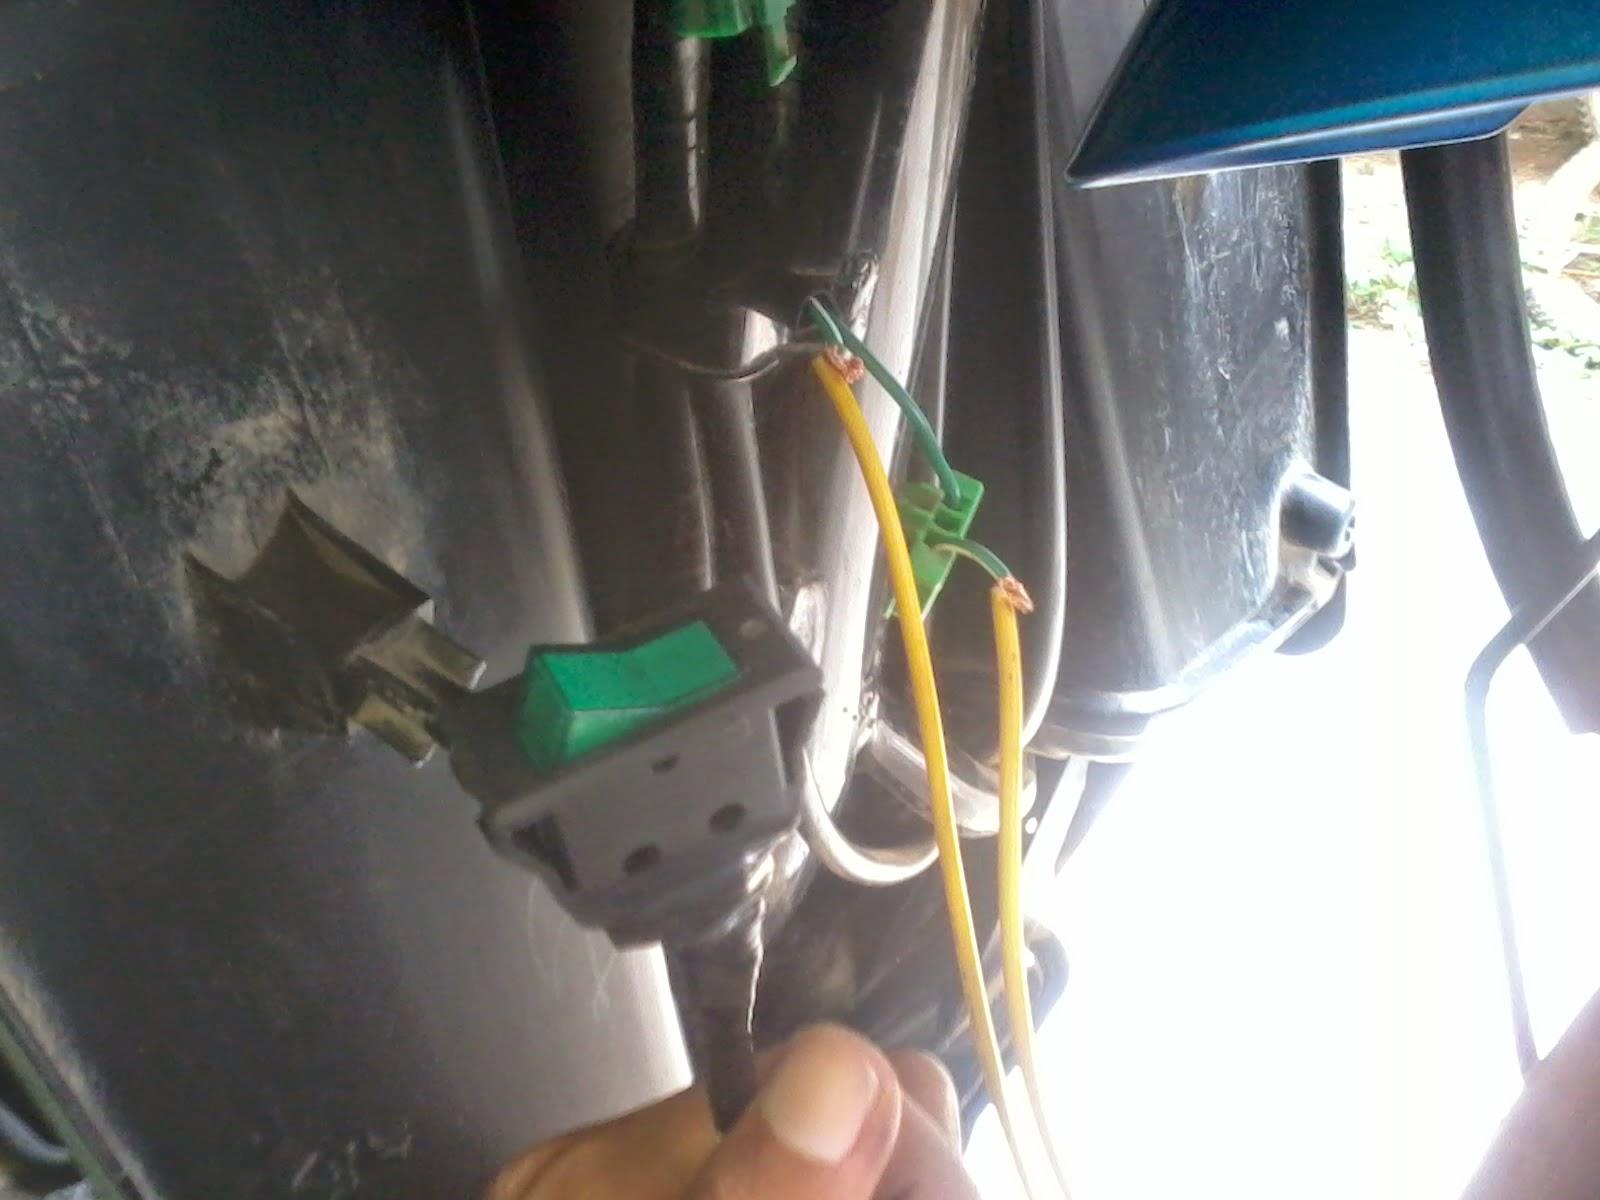 Cara Membuat Saklar Kontak Rahasia Honda Beat Fi Ardhityalangit Media Tombol 3 Way Lampu Dim Off Scoopy New Blade Vario 125 Setelah Di Potong Dan Kupas Masing Ujungnya Ujung Yang Sebelah Sambung Ke Kaki Sakelar Sebelahnya Kabel Hijau